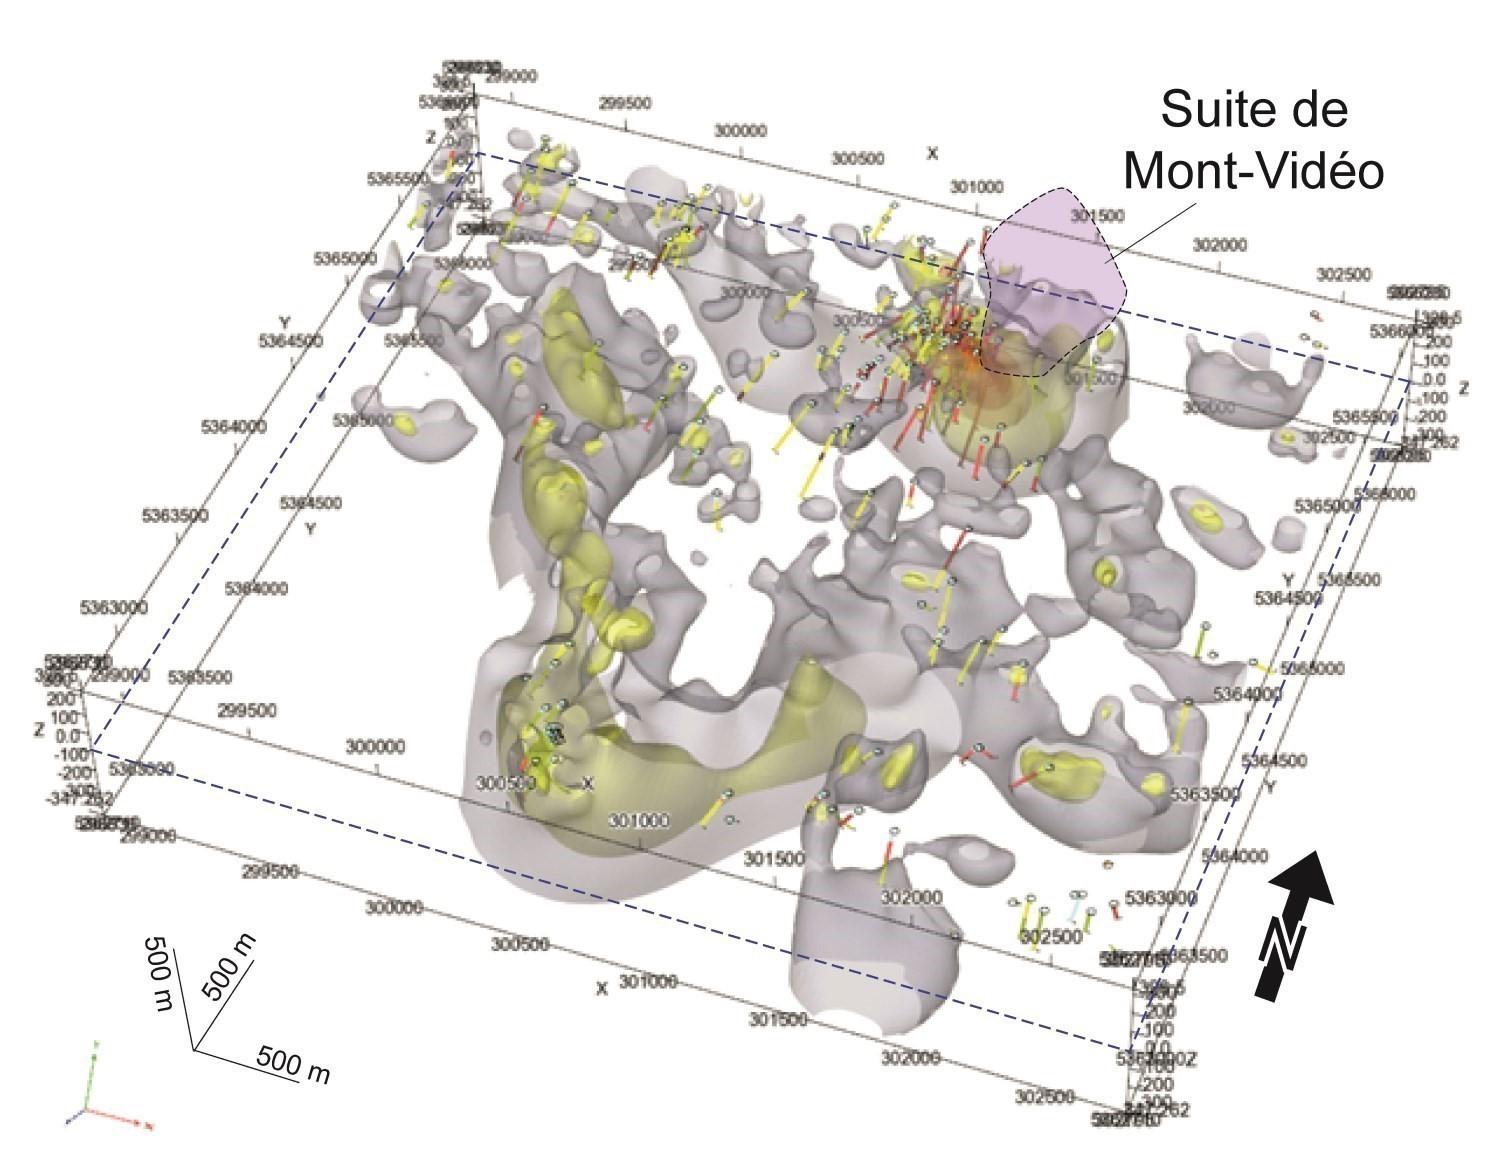 Suite de Mont-Video (nAvid). Vue régionale en 3D du modèle d'inversion du vecteur de la susceptibilité magnétique, avec positions des forages historiques (voir Dubé, 2016). Regard en plongée vers le nord-ouest. Les coordonnées sont en UTM NAD83, zone 18.